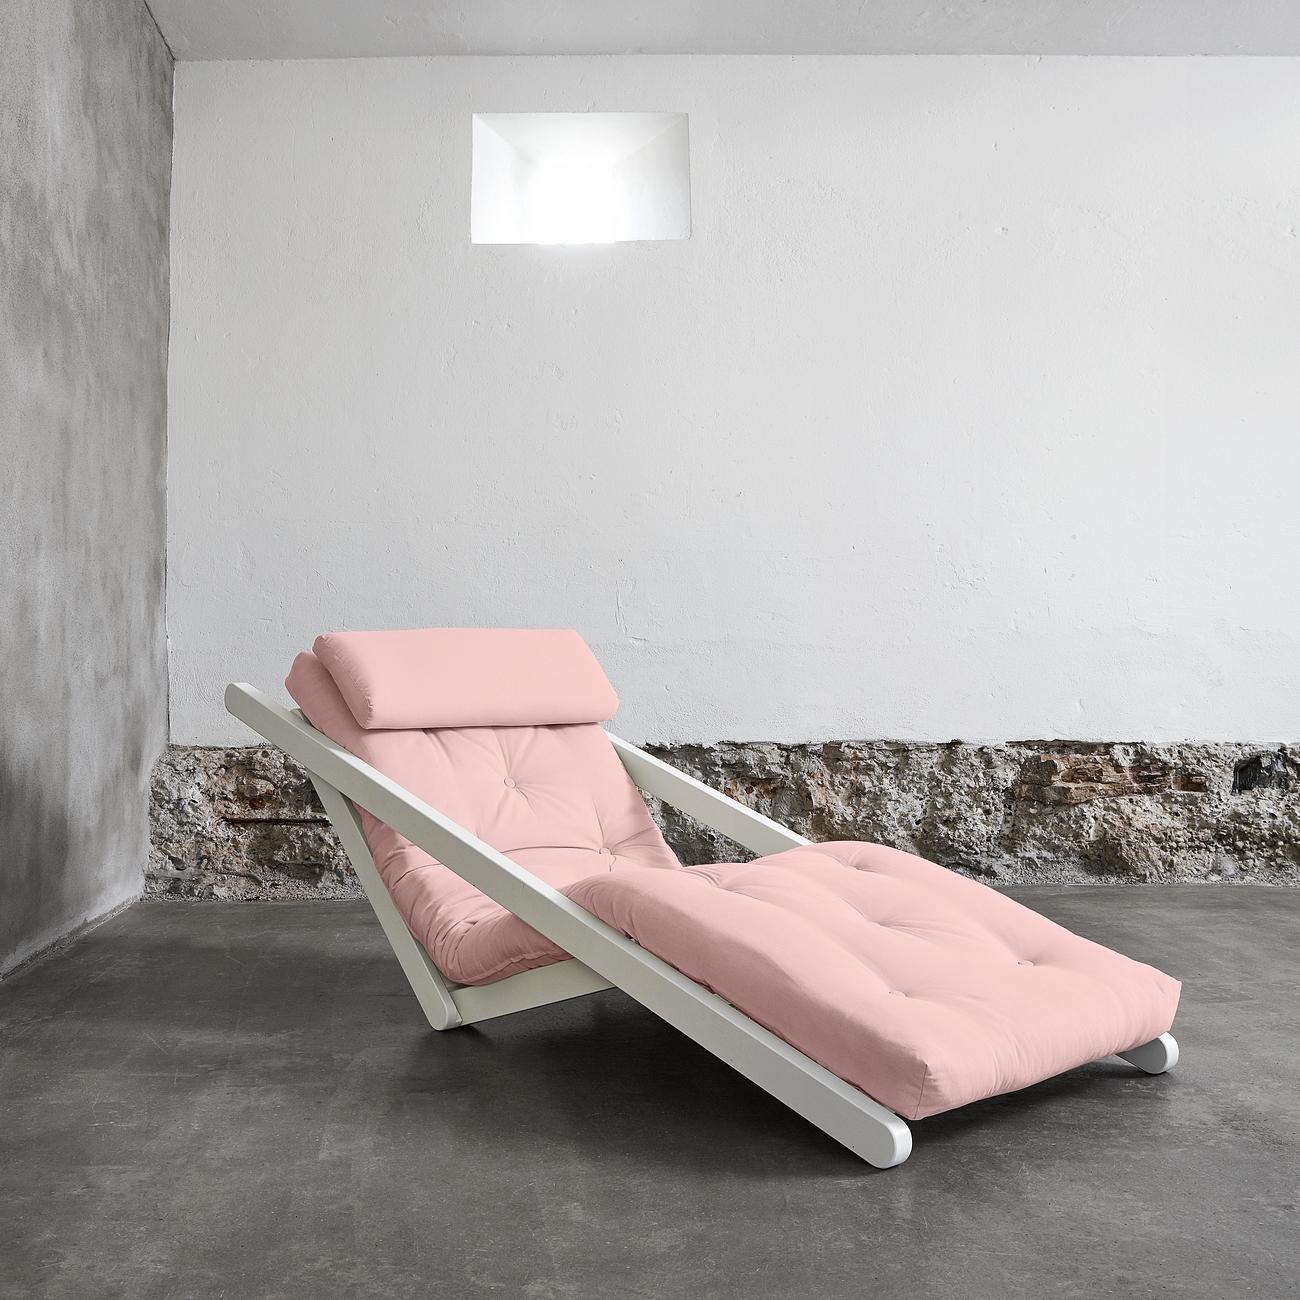 Fotoliu extensibil Figo White Pastel Pink title=Fotoliu extensibil Figo White Pastel Pink